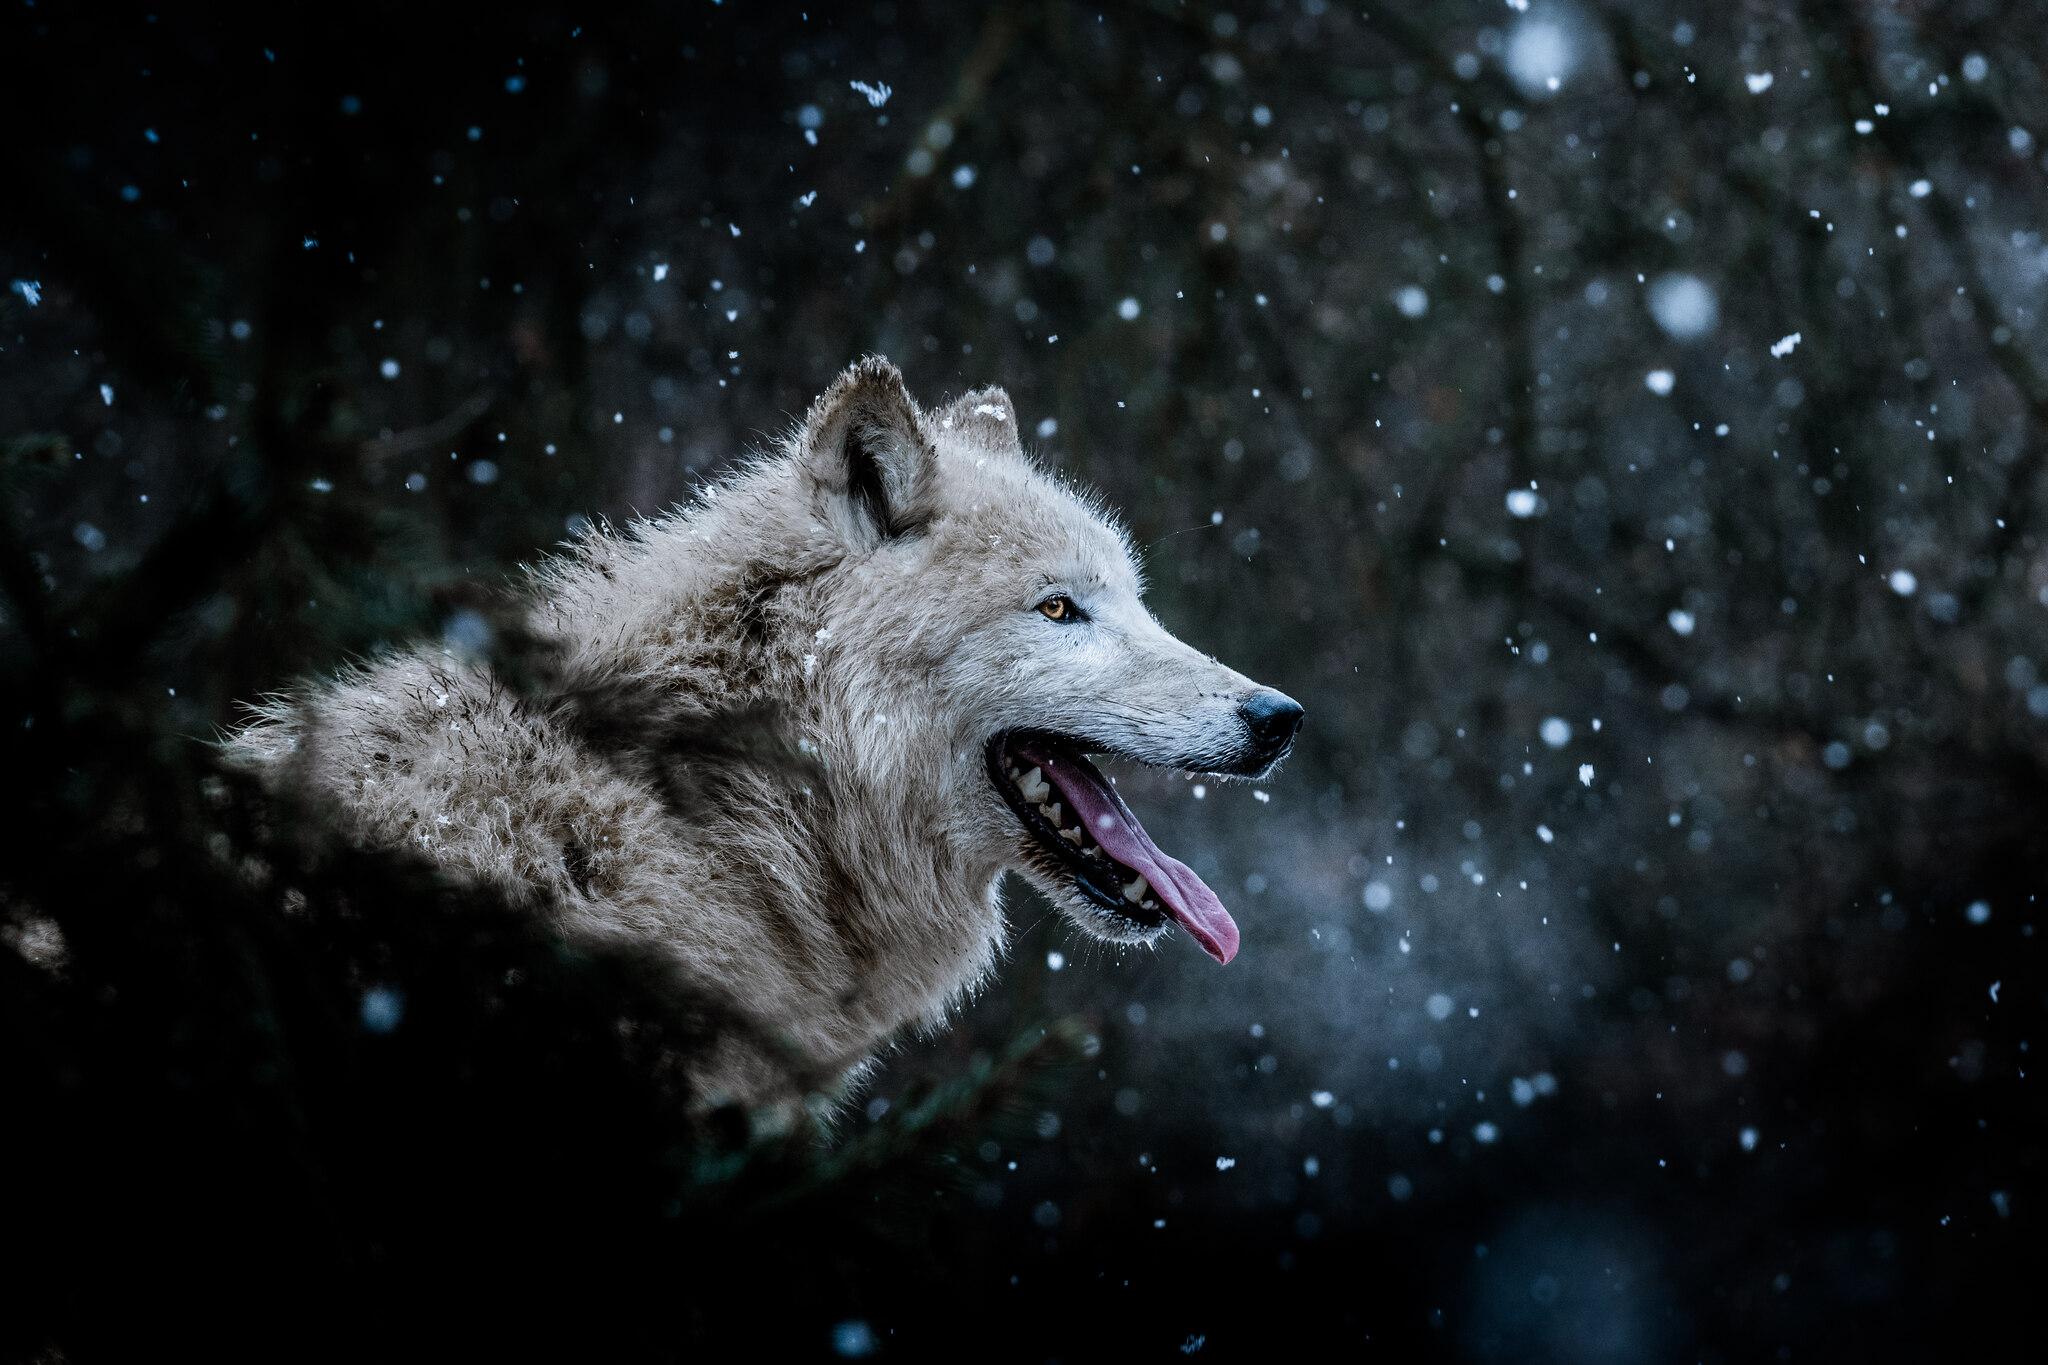 czech nature photo nominace zvířata v lidské peči - Matyáš Slavík